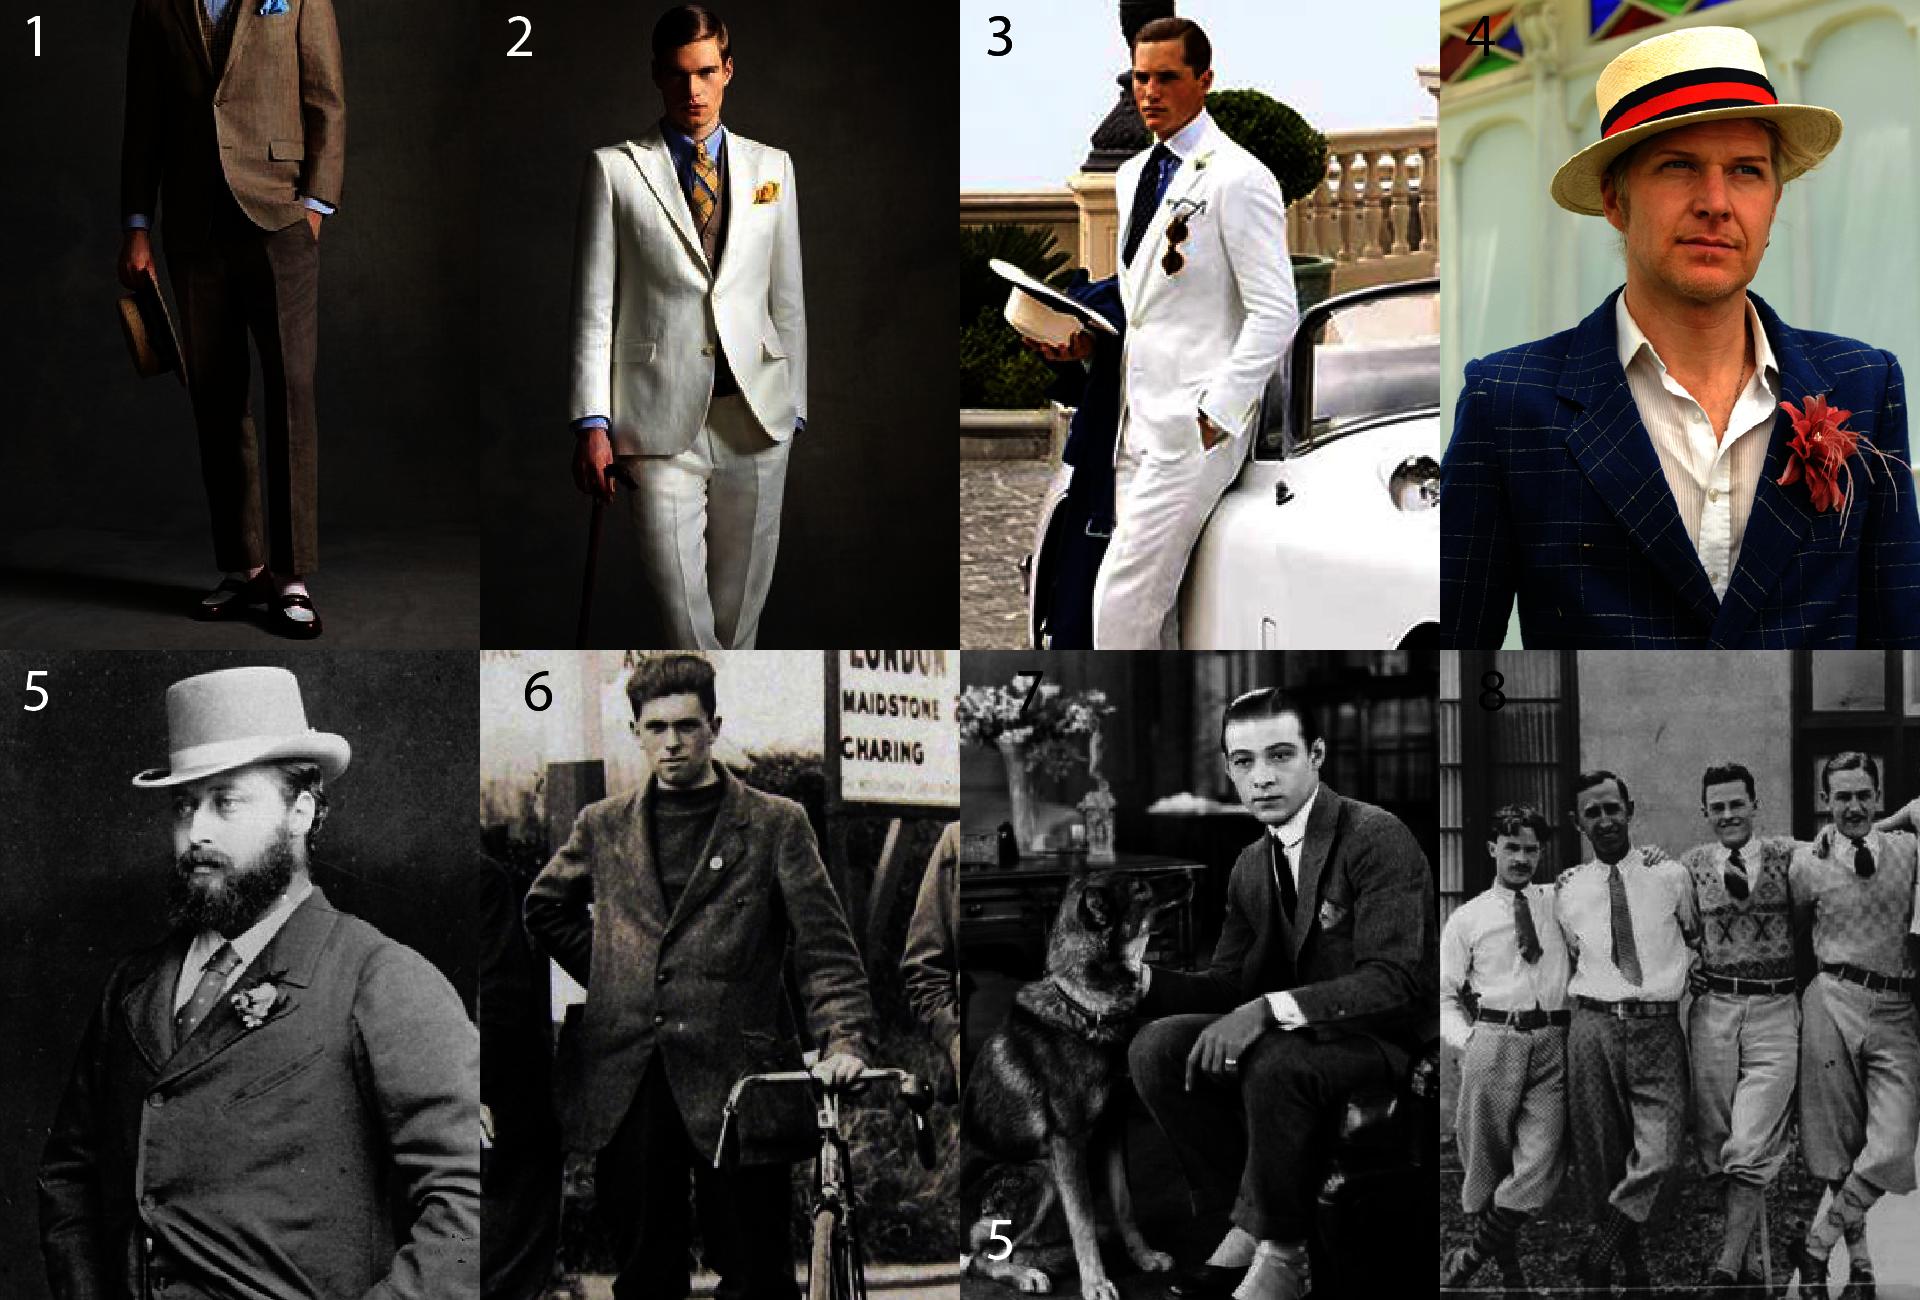 Moda męska lata 20. - Oxford Bags - Rudolf Valentino - Książę Walii Edward VII - Jak ubierano się w latach 20's - Strój męski lata 20's